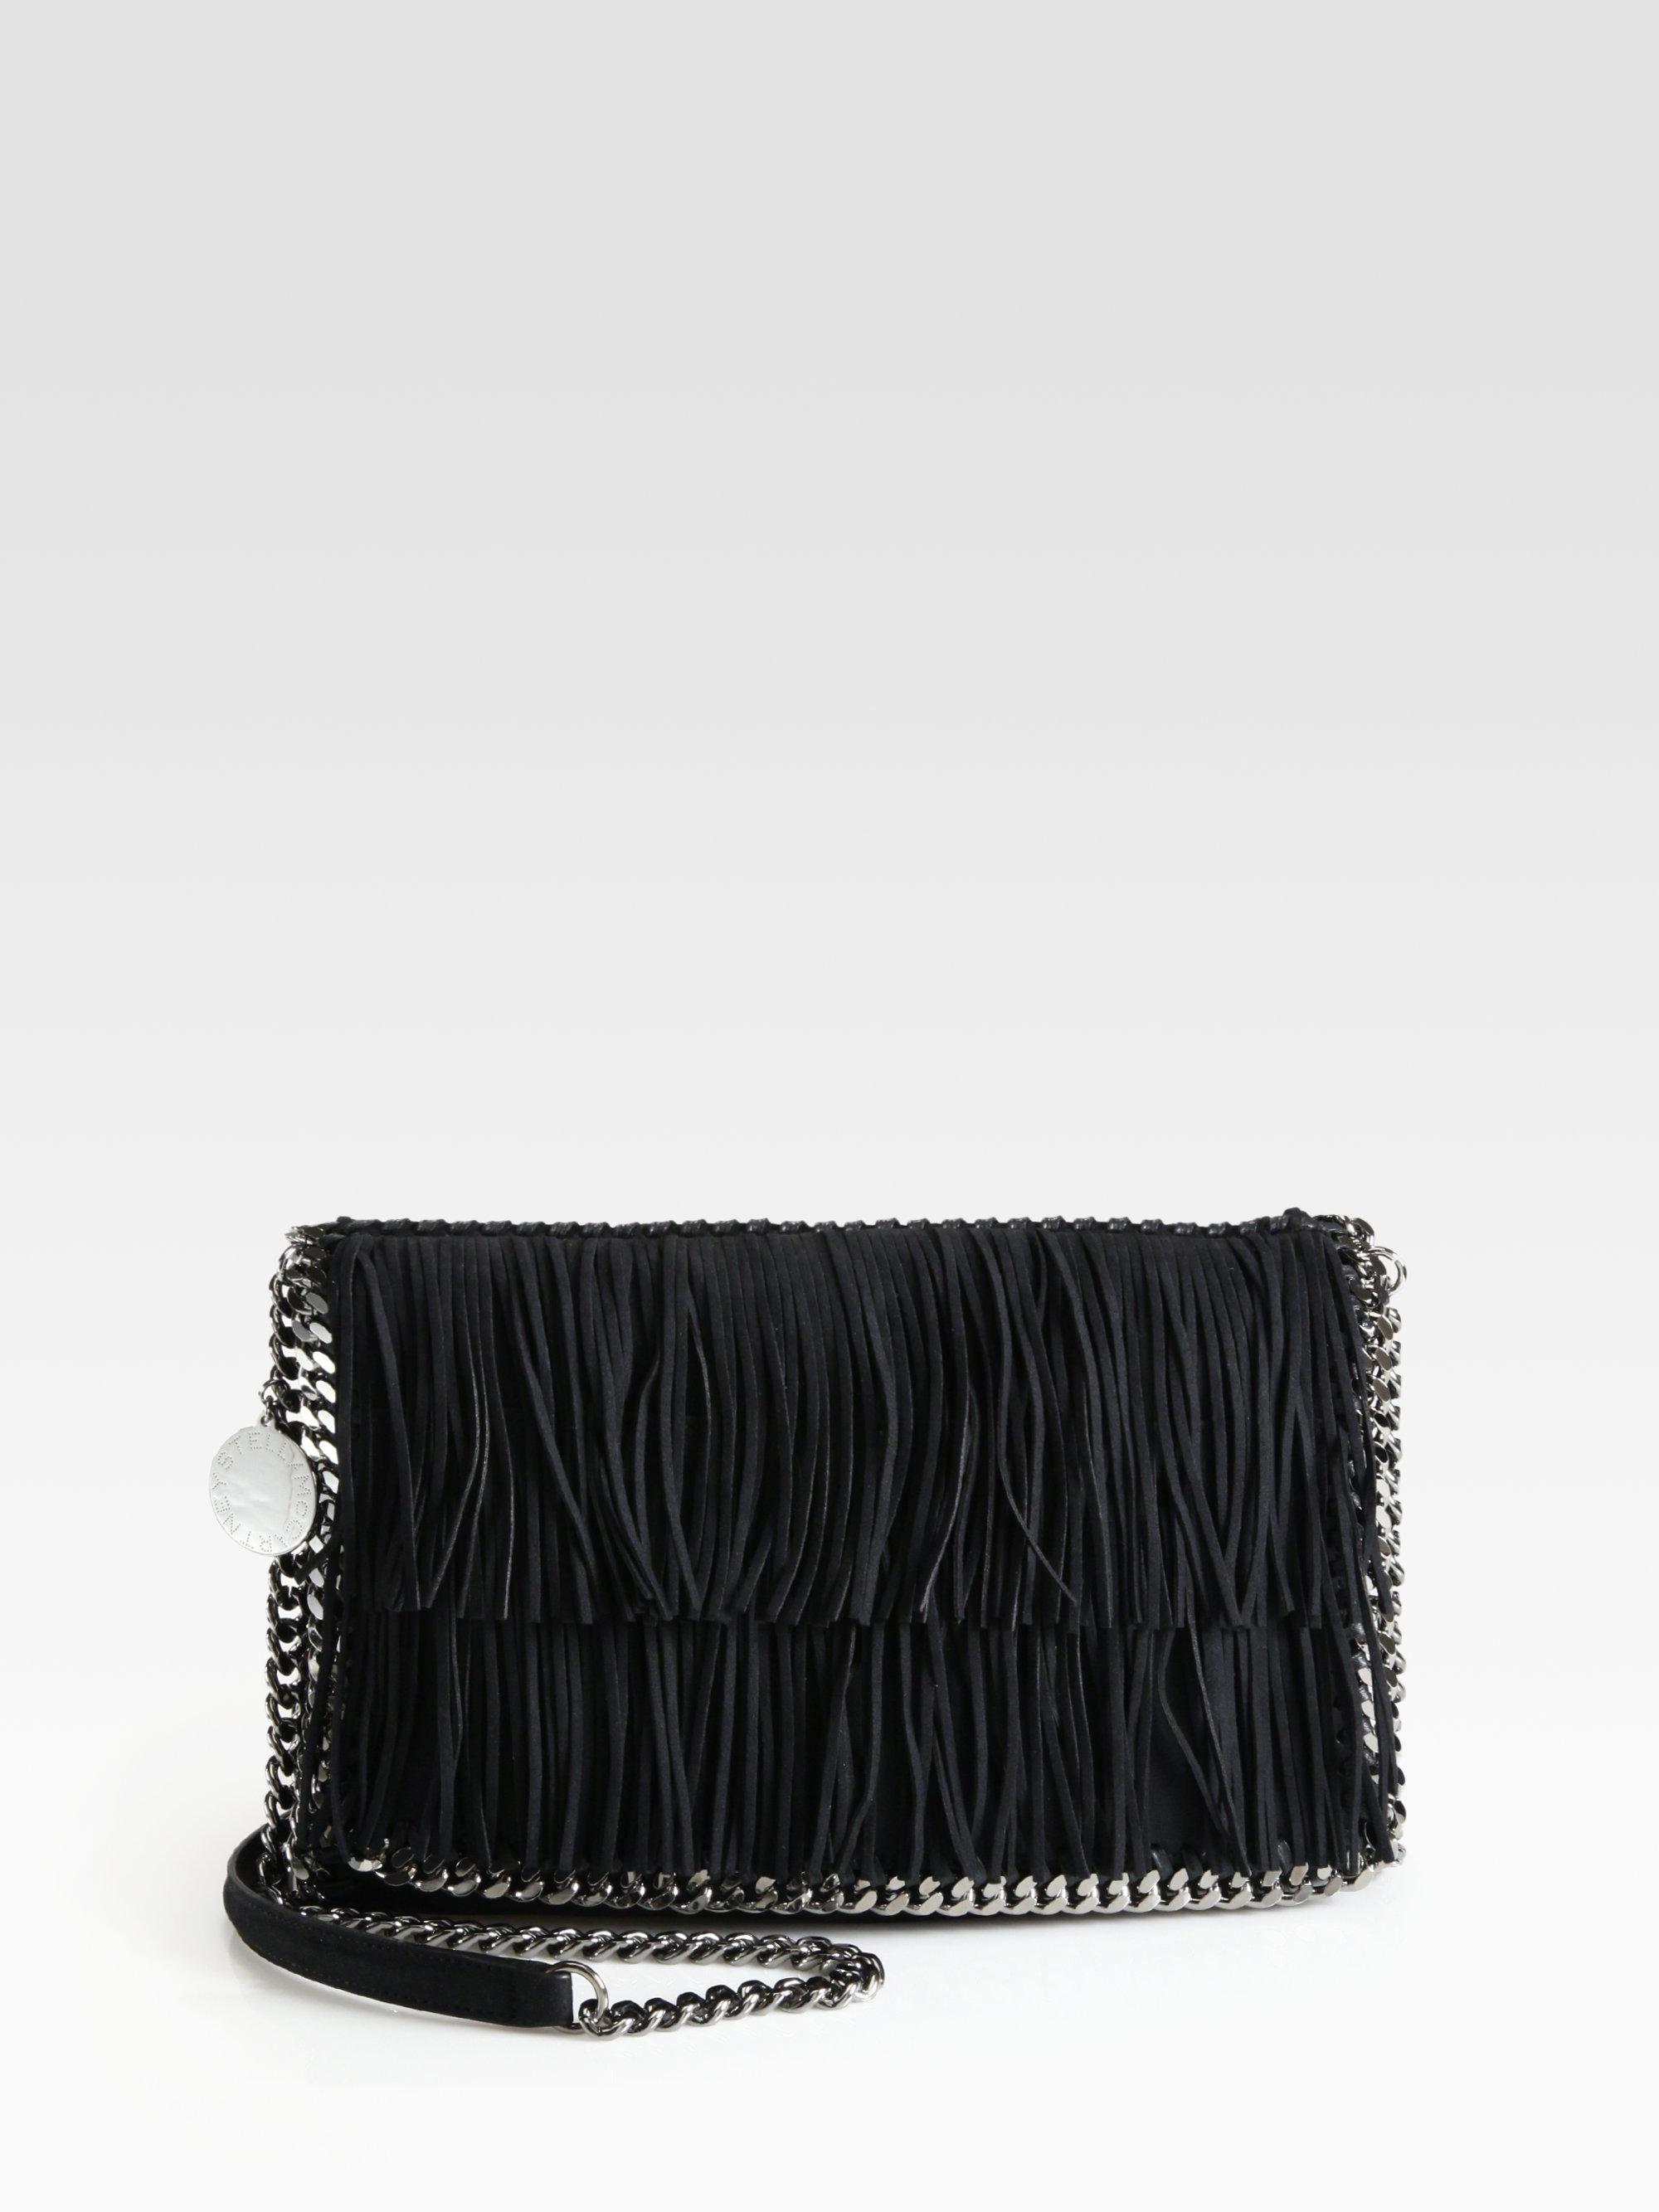 bfb84c526532 ... wholesale outlet a1967 14c49 Lyst - Stella Mccartney Fringe Flap  Shoulder Bag in Black ...